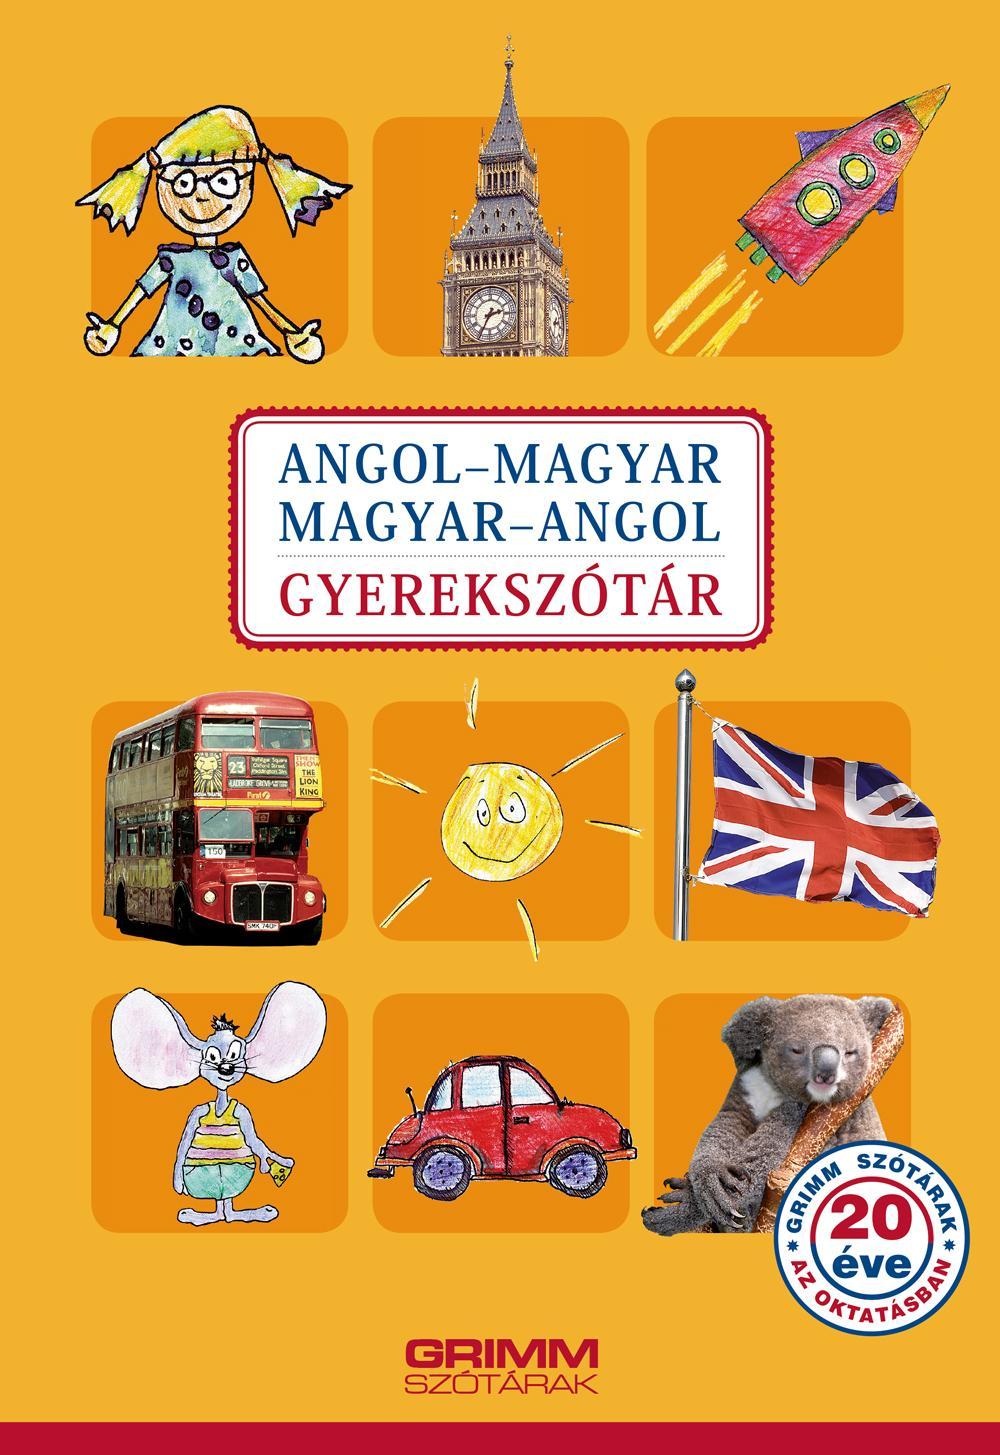 ANGOL-MAGYAR, MAGYAR-ANGOL GYEREKSZÓTÁR (4. JAVÍTOTT, AKTUALIZÁLT KIAD.)